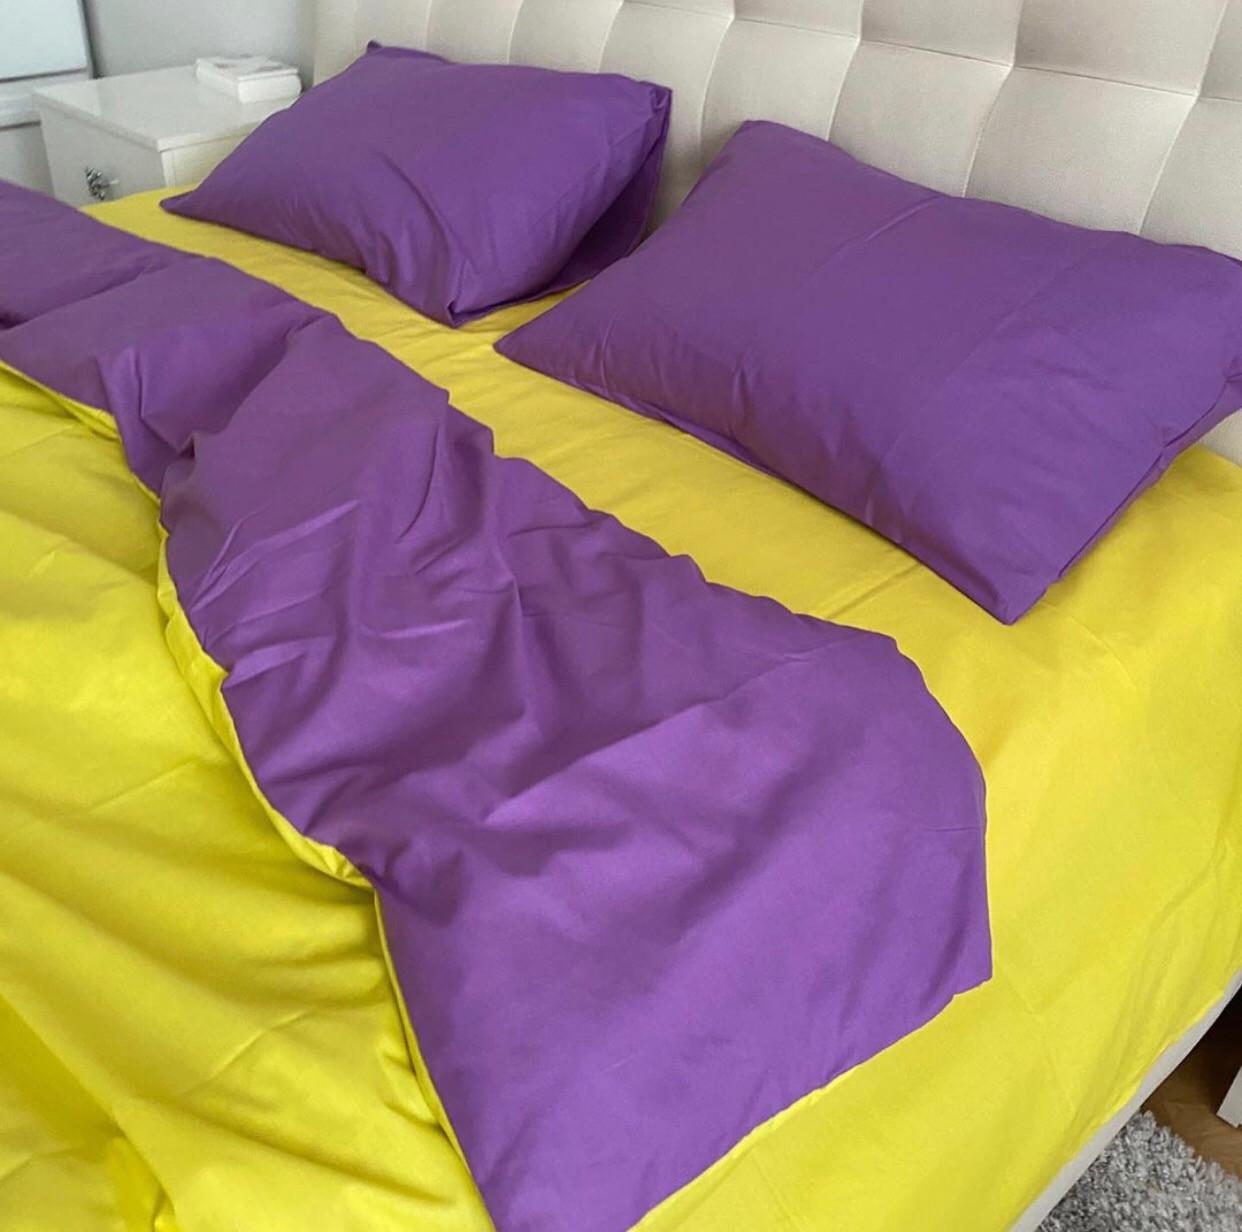 Комплект постельного белья  Бязь GOLD 100% хлопок Фиолетово- желтый